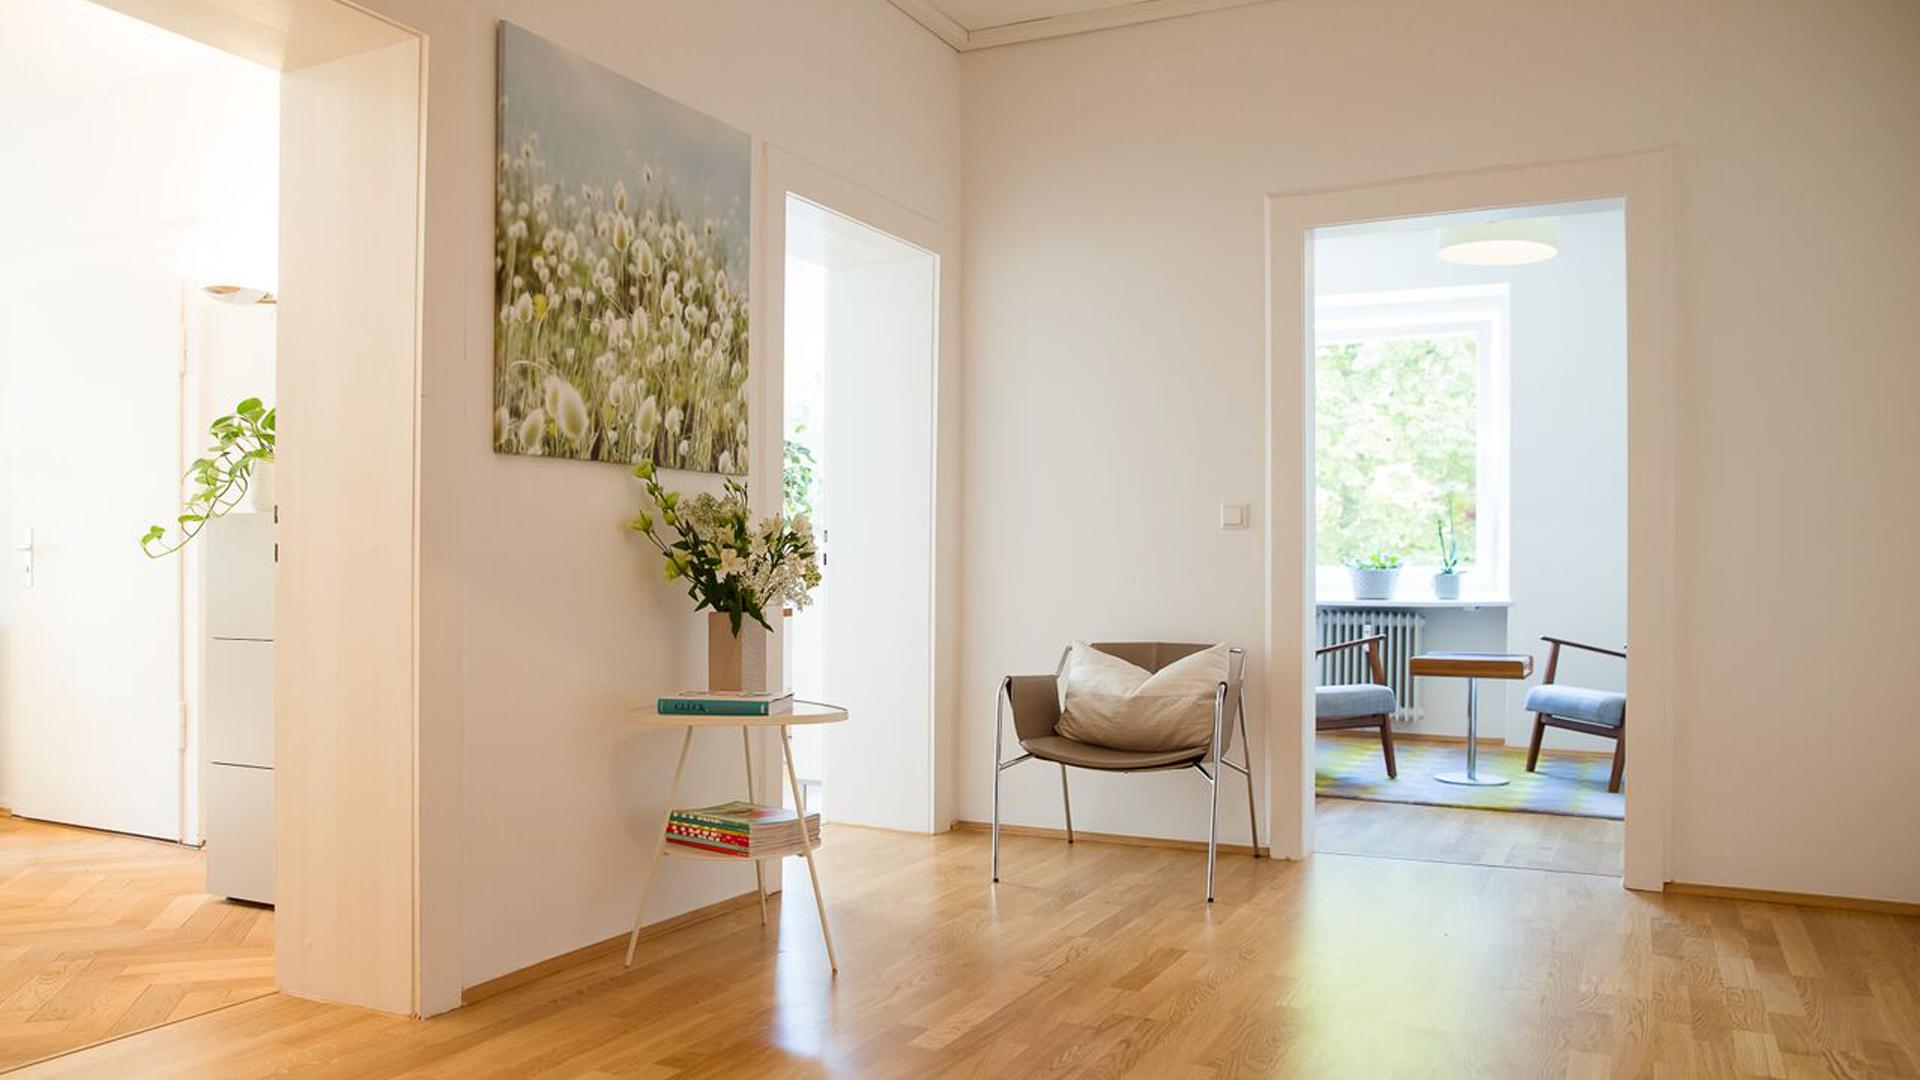 Ansicht und gut ausgeleuchtete Räume mit weiß gestrichenen Wänden und einem Laminat-Boden